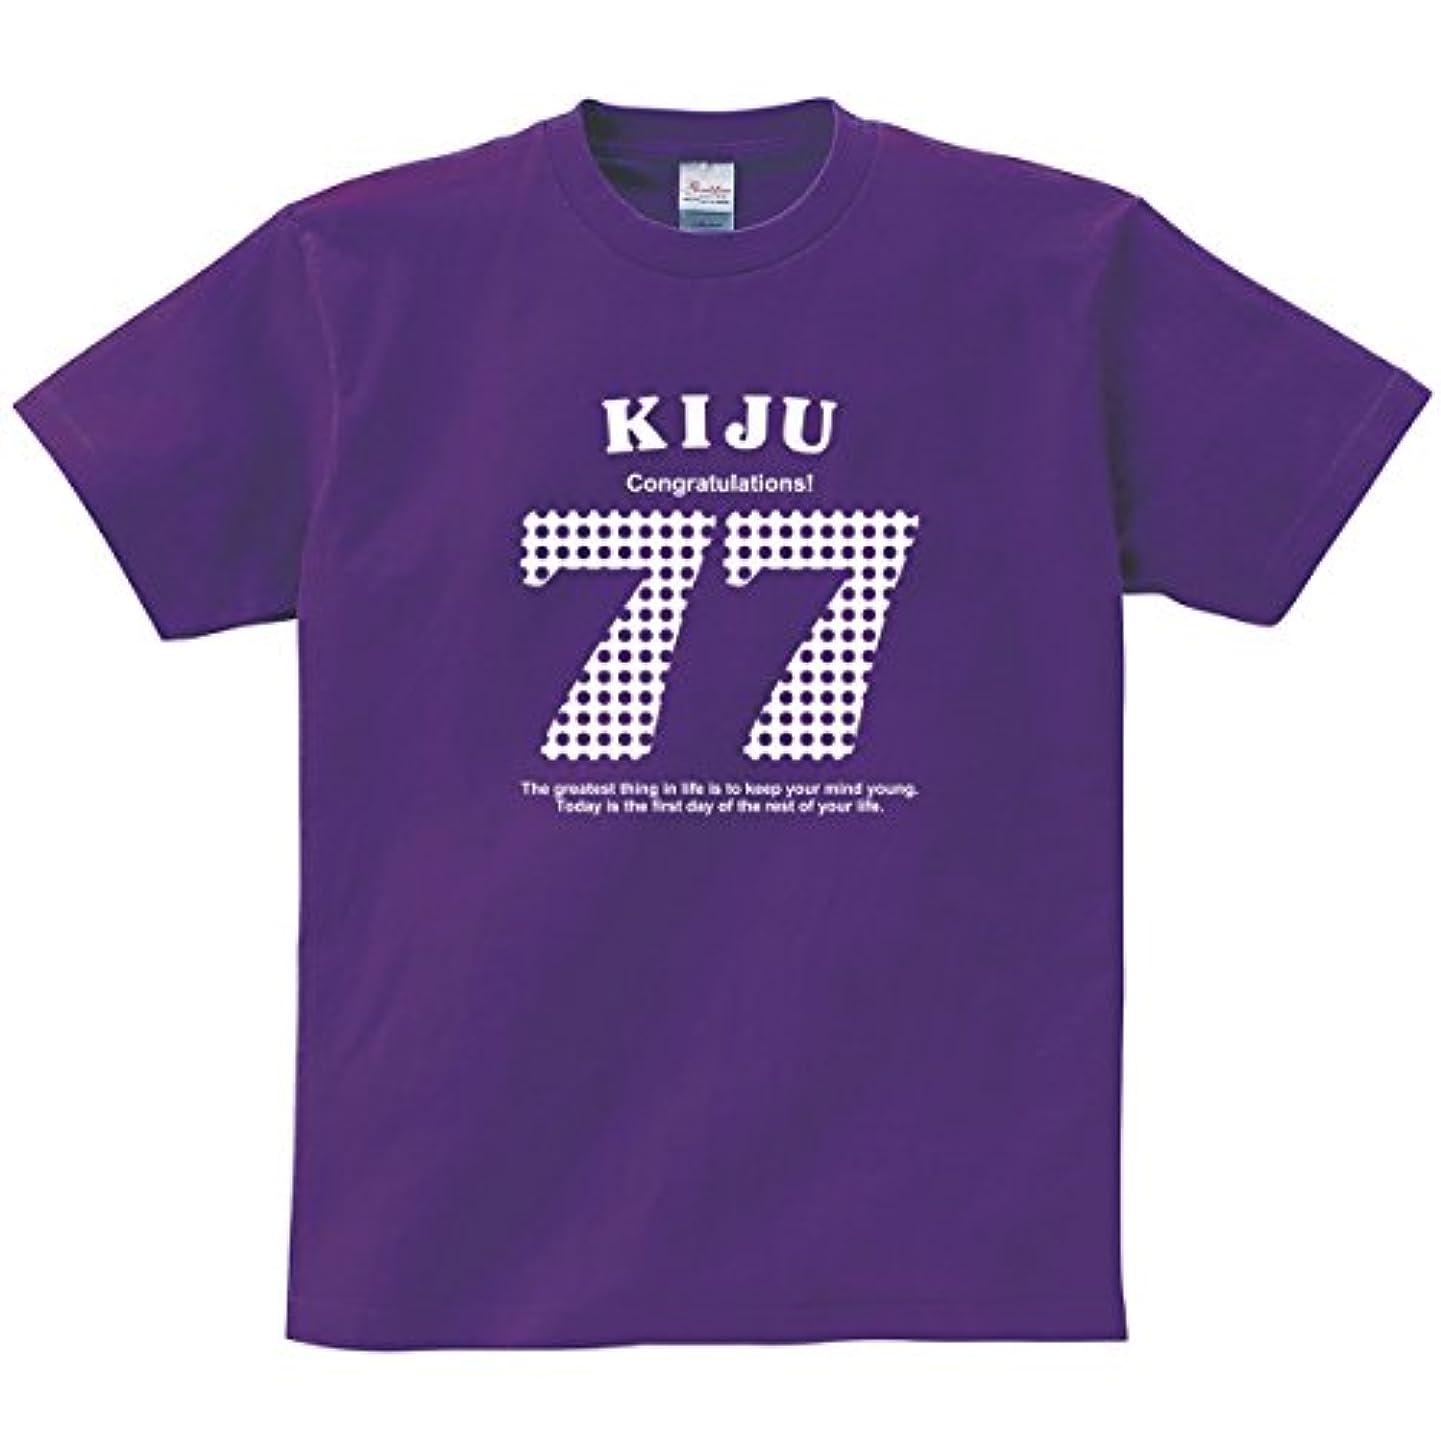 高尚な因子素子[幸服屋さん] 喜寿のお祝い Tシャツ 「アメリカン77」半袖 喜寿祝い 77歳 tシャツ ギフト ms21